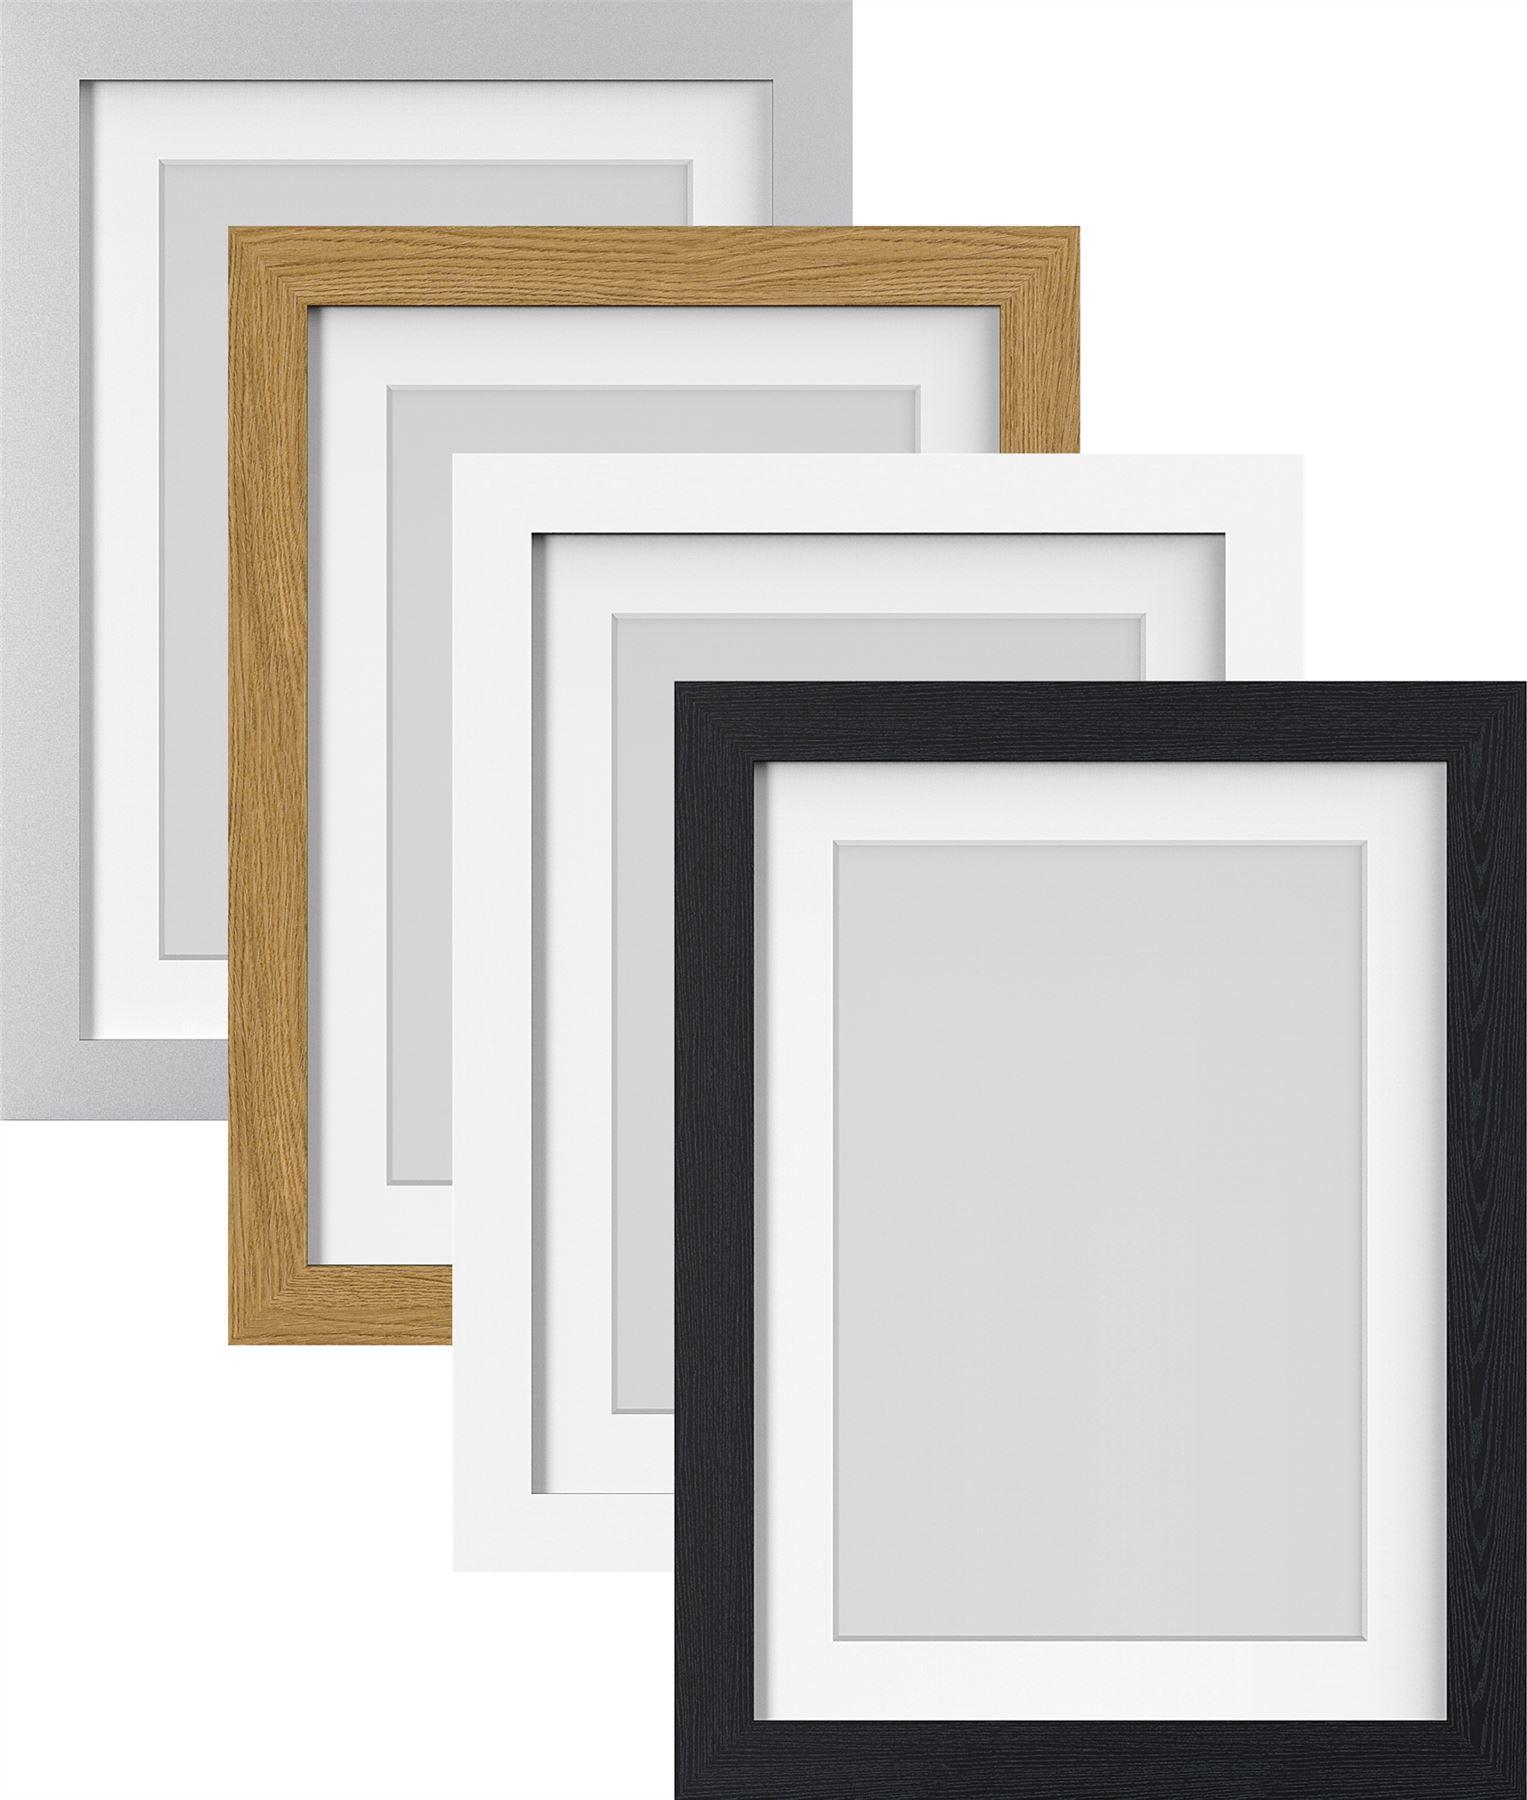 Poster frame molding kit